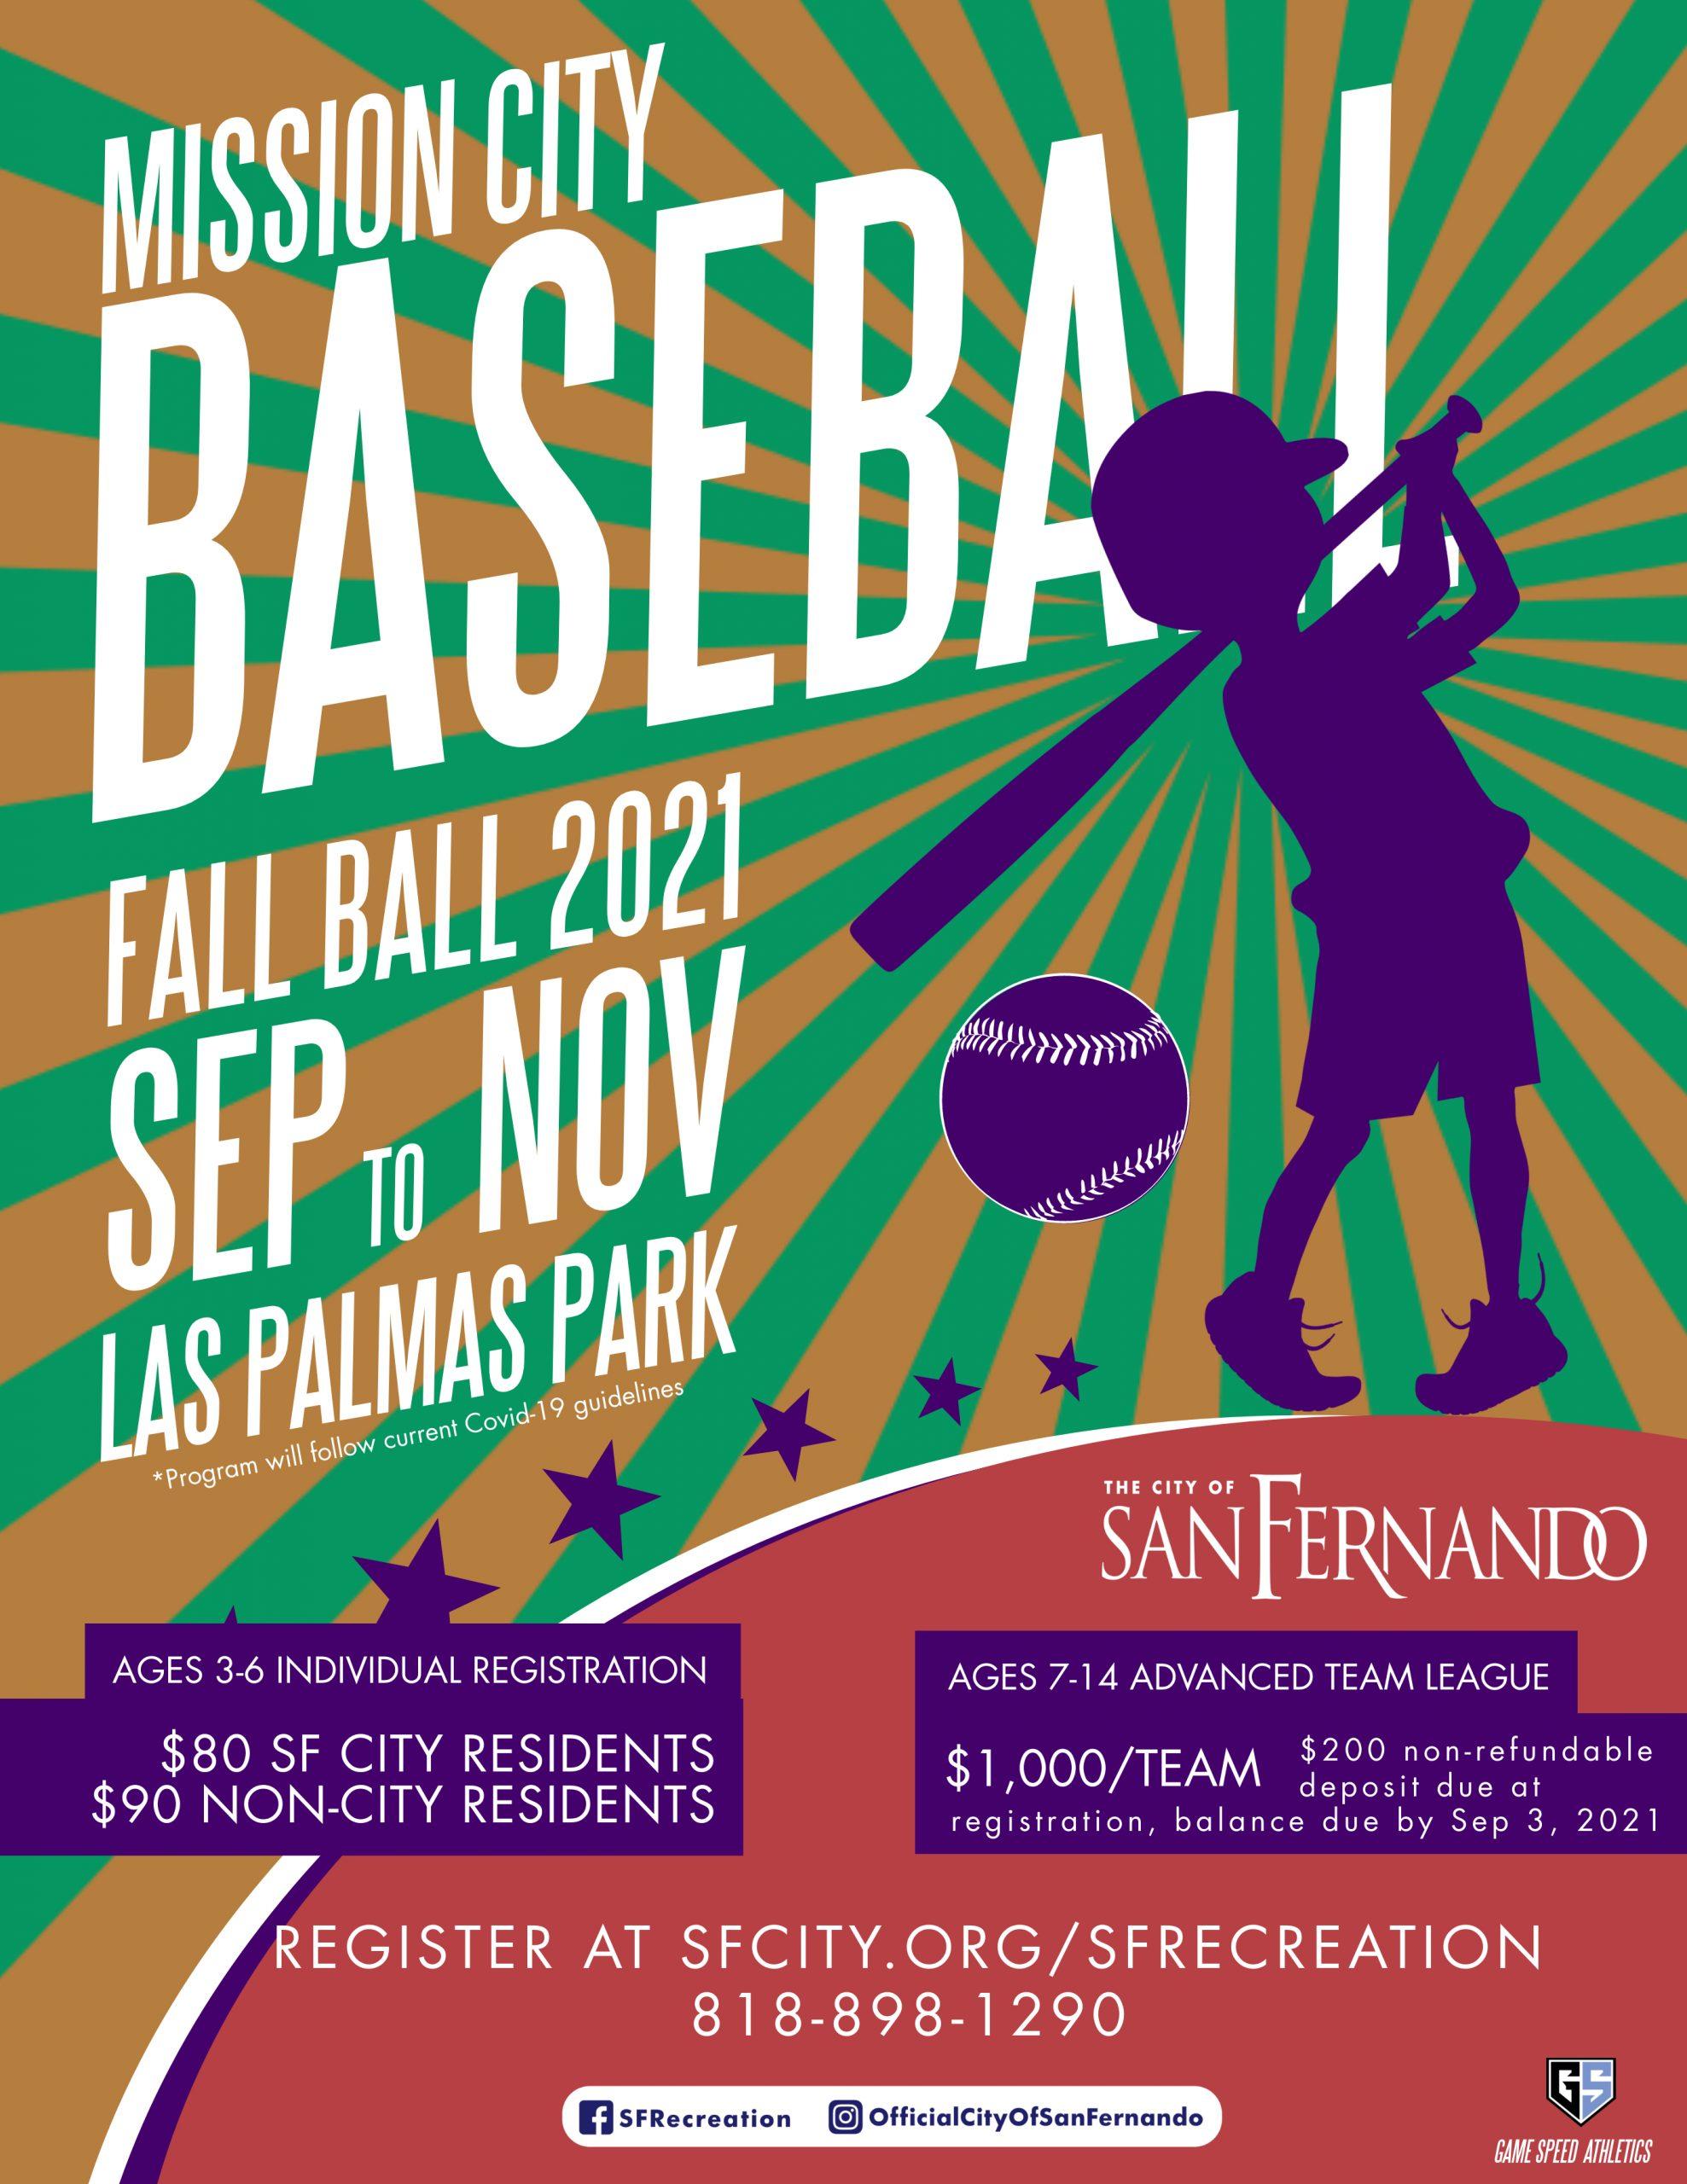 MC Baseball Fall 21